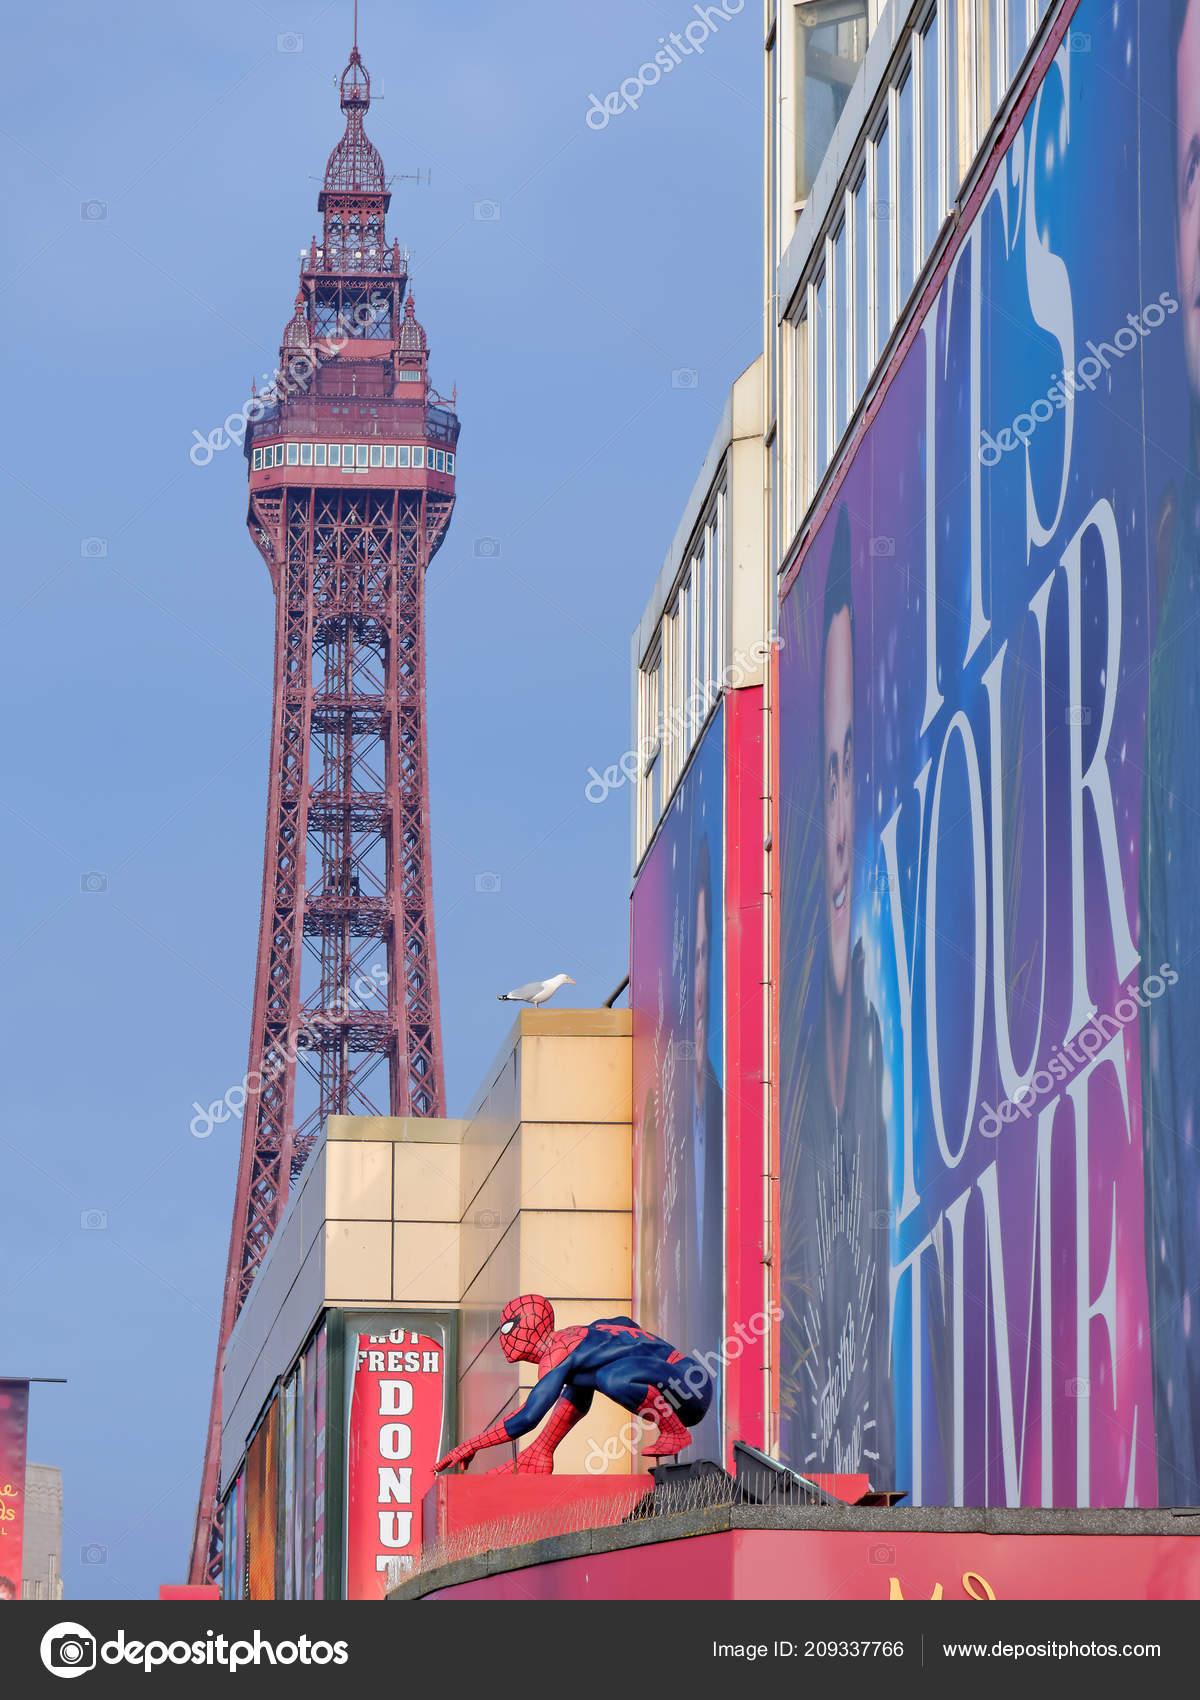 9be17b03ea8 Αθήνα, 14 Ιανουαρίου: Madame Tussauds, Ηνωμένο Βασίλειο 2018. Spider-Man  για το φόντο Πύργος Μπλάκπουλ — Εικόνα από ...